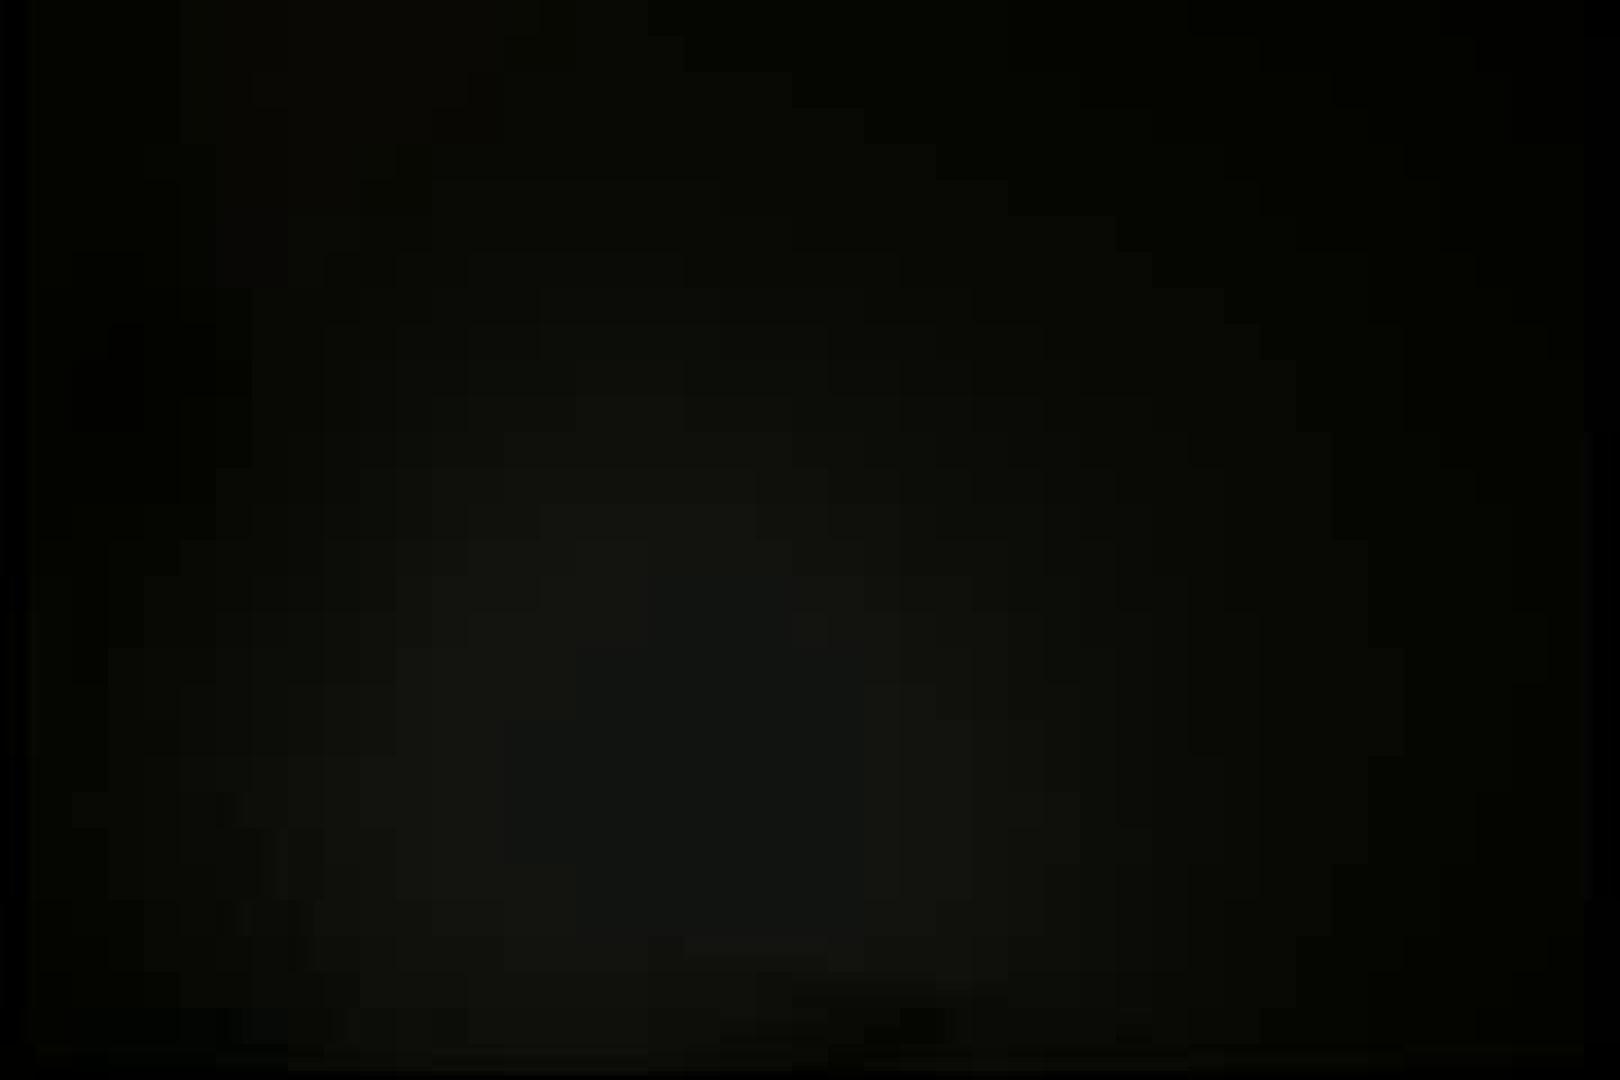 【流出自画撮】とにかく凄いぜ!!ケツまんFighters!! Vol.08 仰天アナル ゲイ発射もろ画像 68pic 11